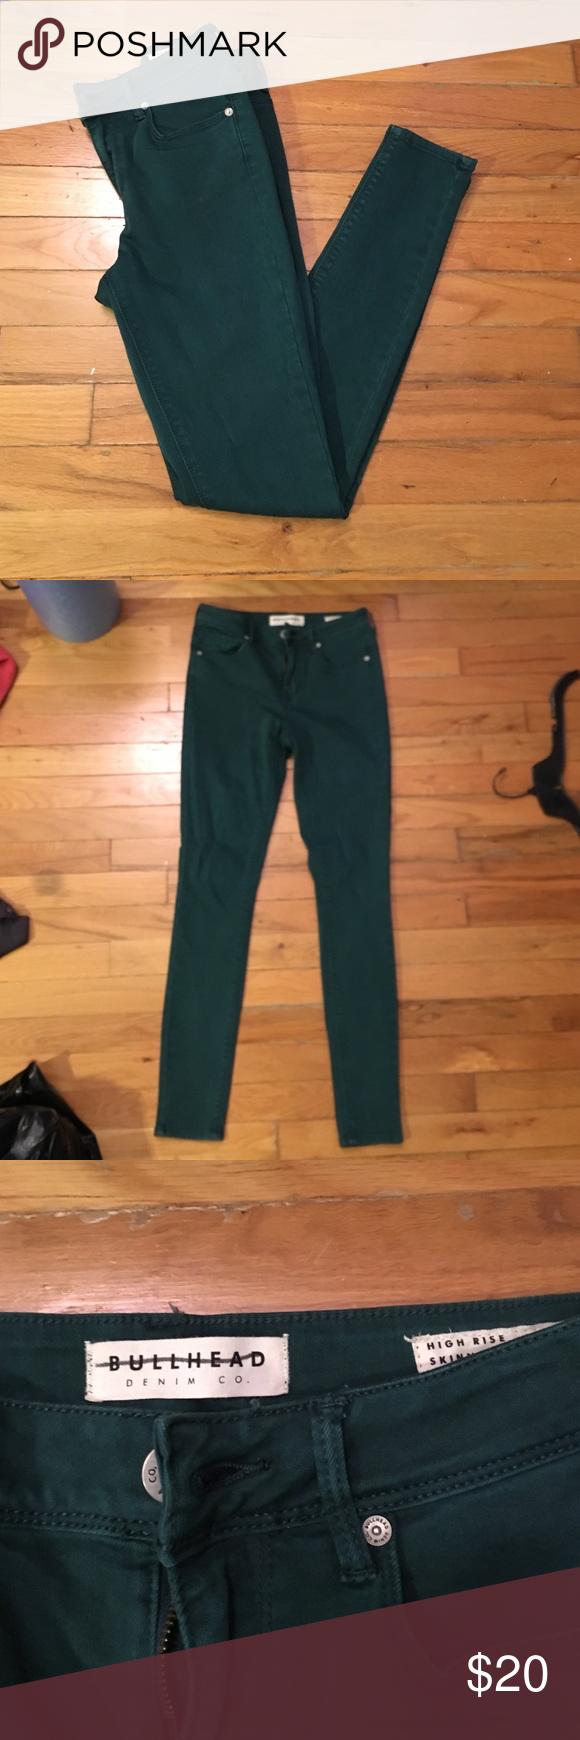 High waisted jeans Bullhead high waisted green jeans. Worn once! Bullhead Jeans Straight Leg